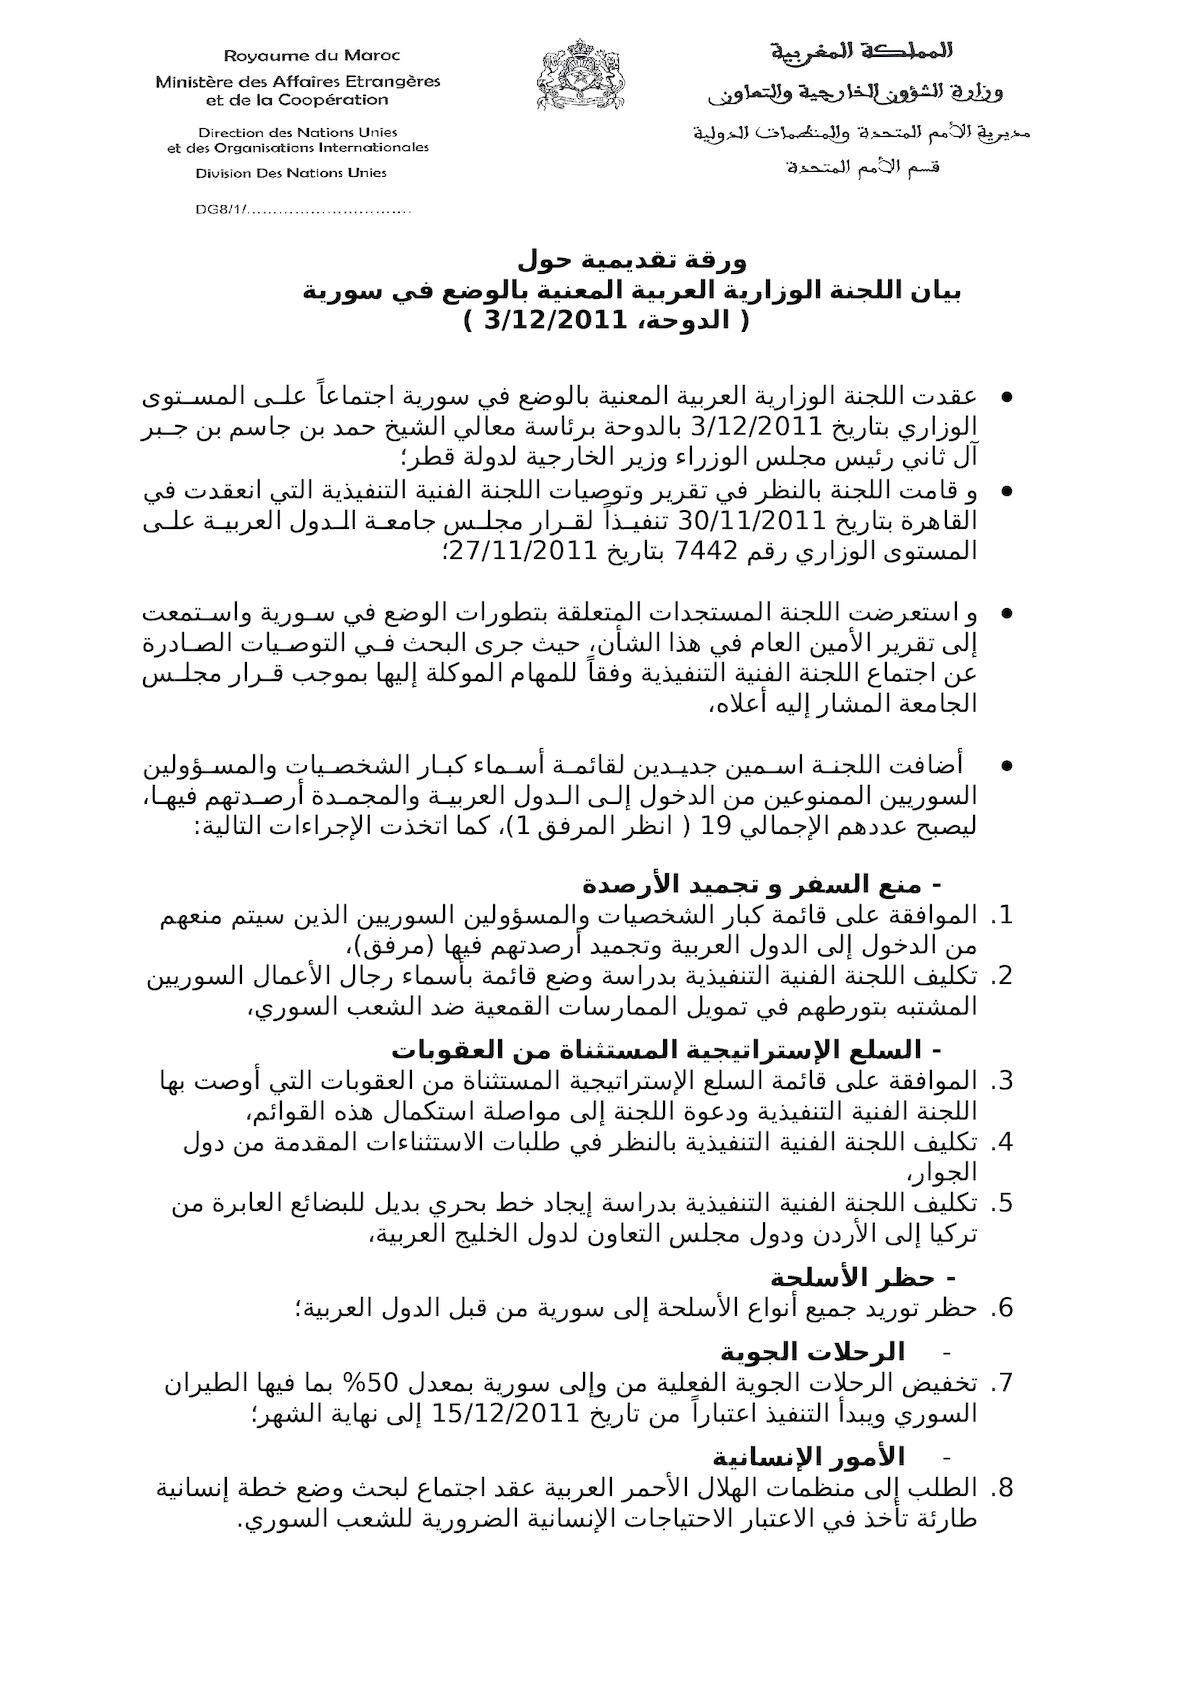 ورقة تقديمية اجتماع الدوحة 3 12 2011